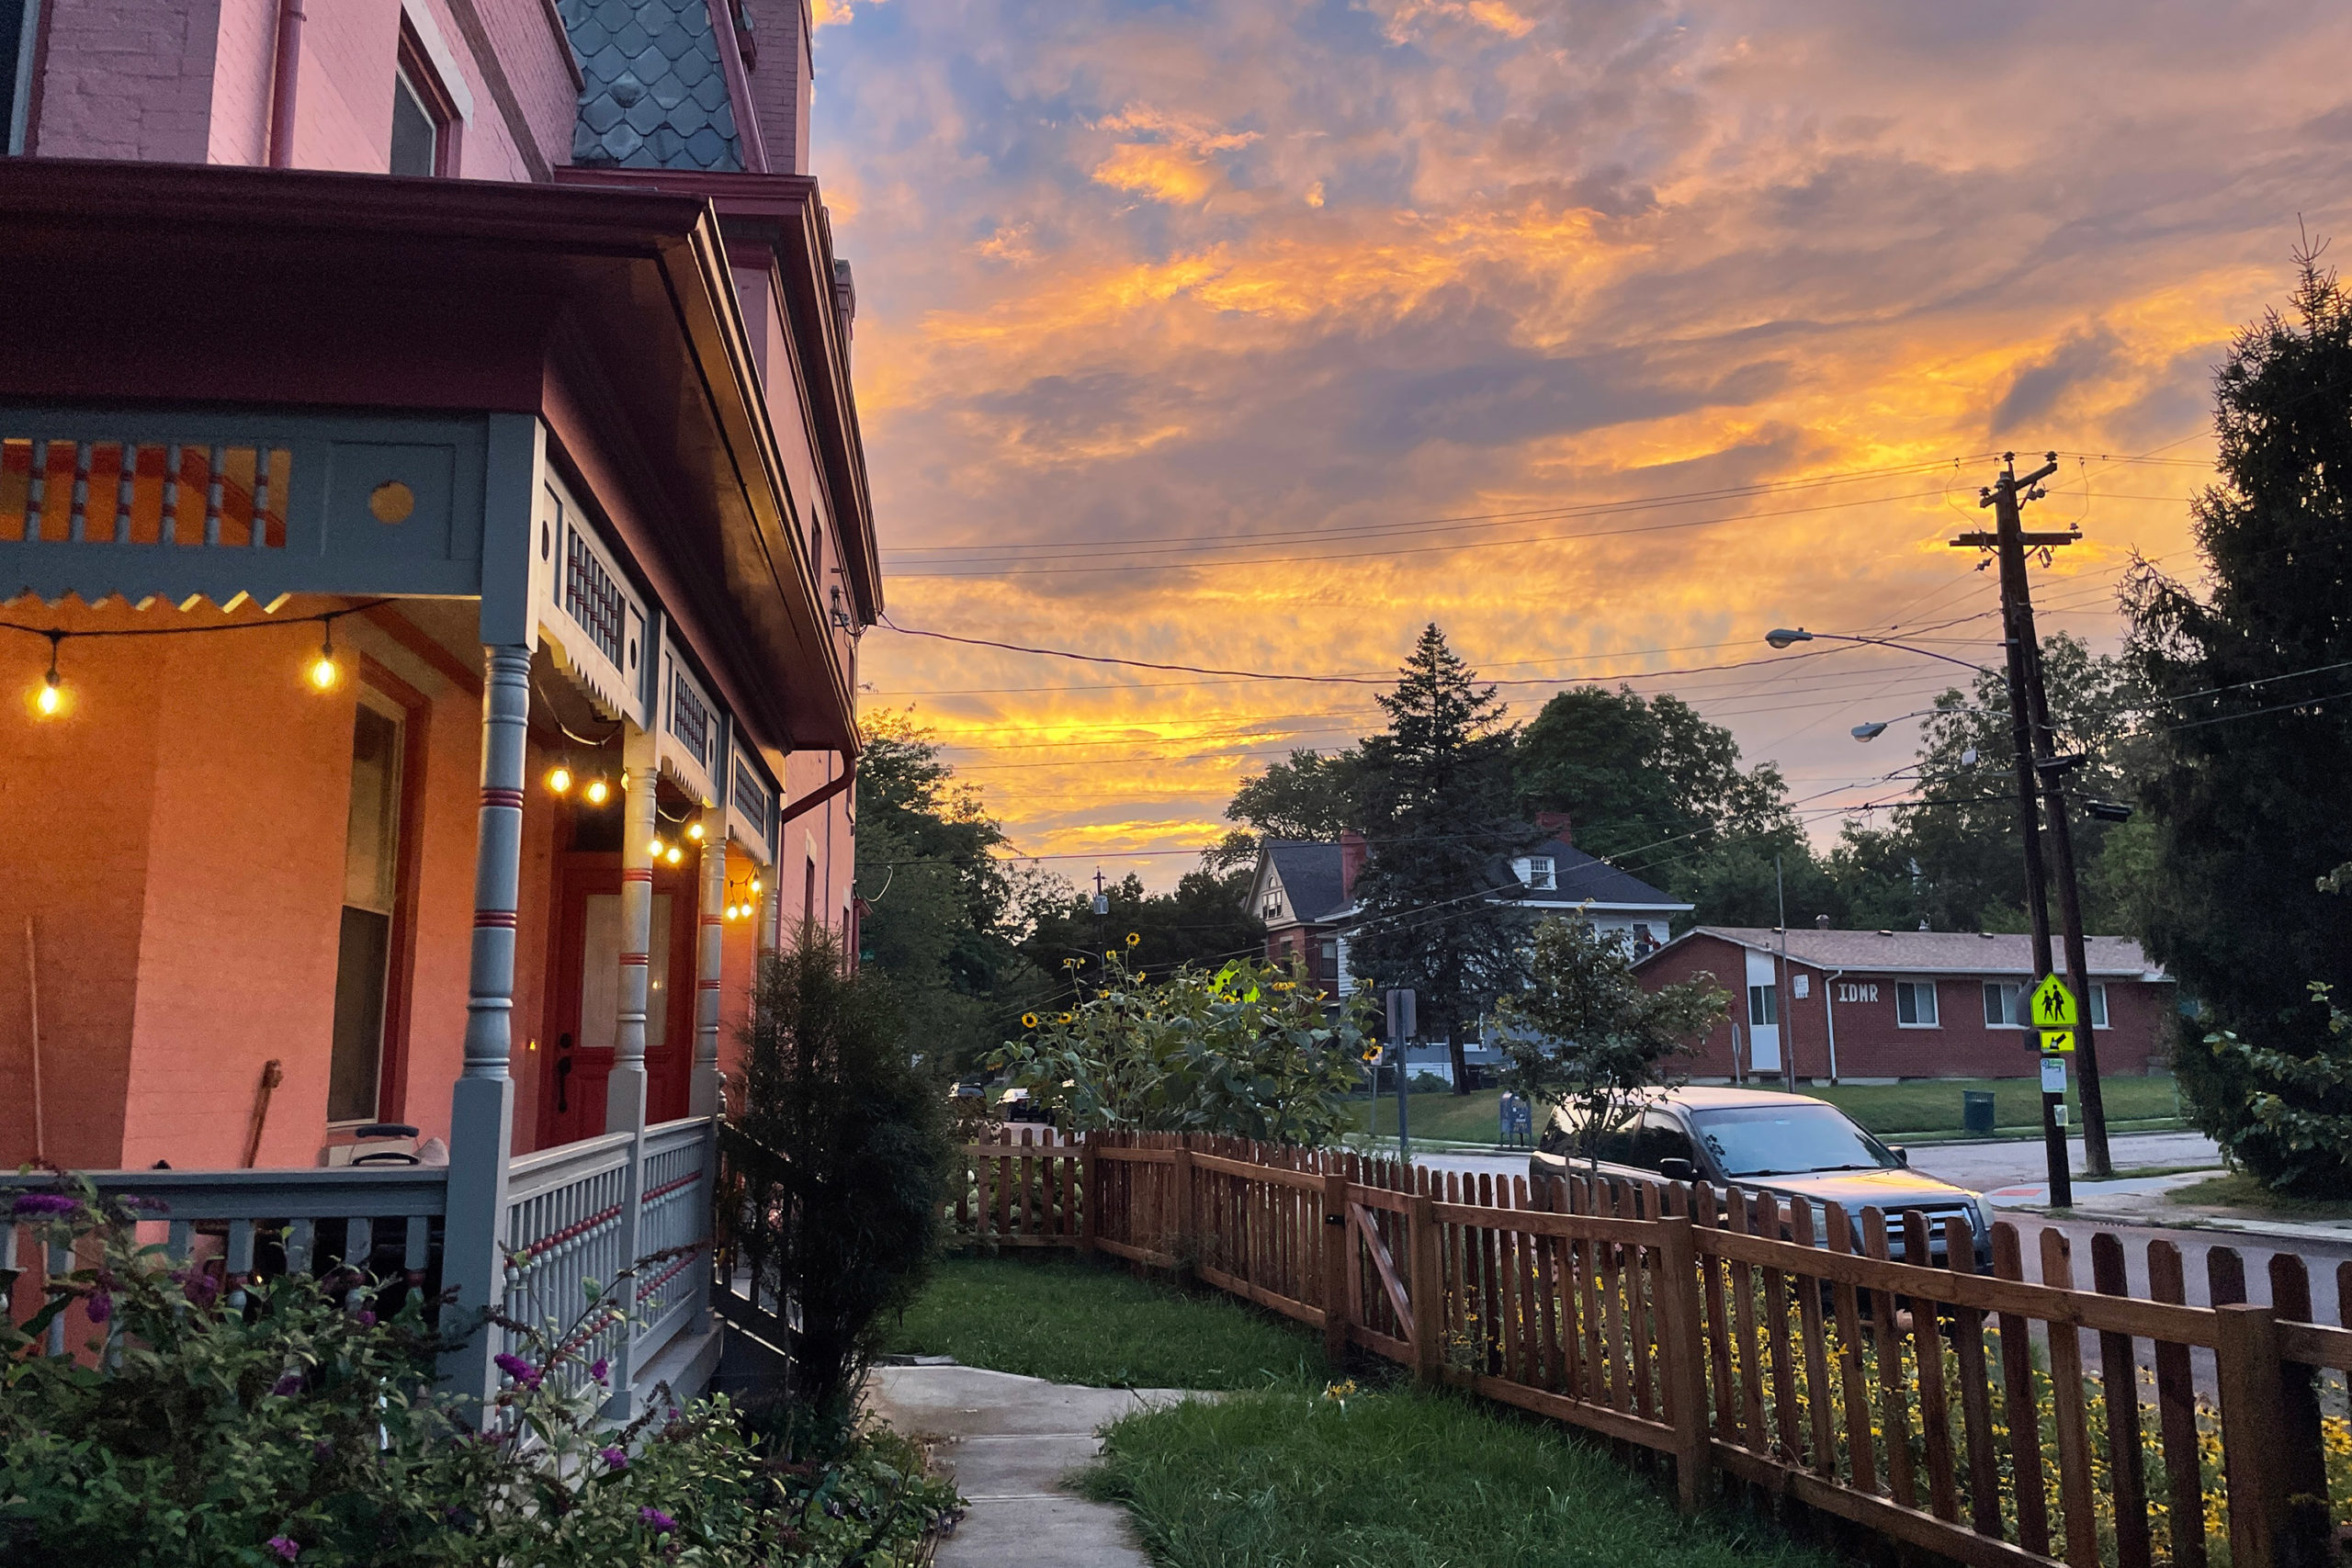 A brilliant sunset in a Cincinnati neighborhood